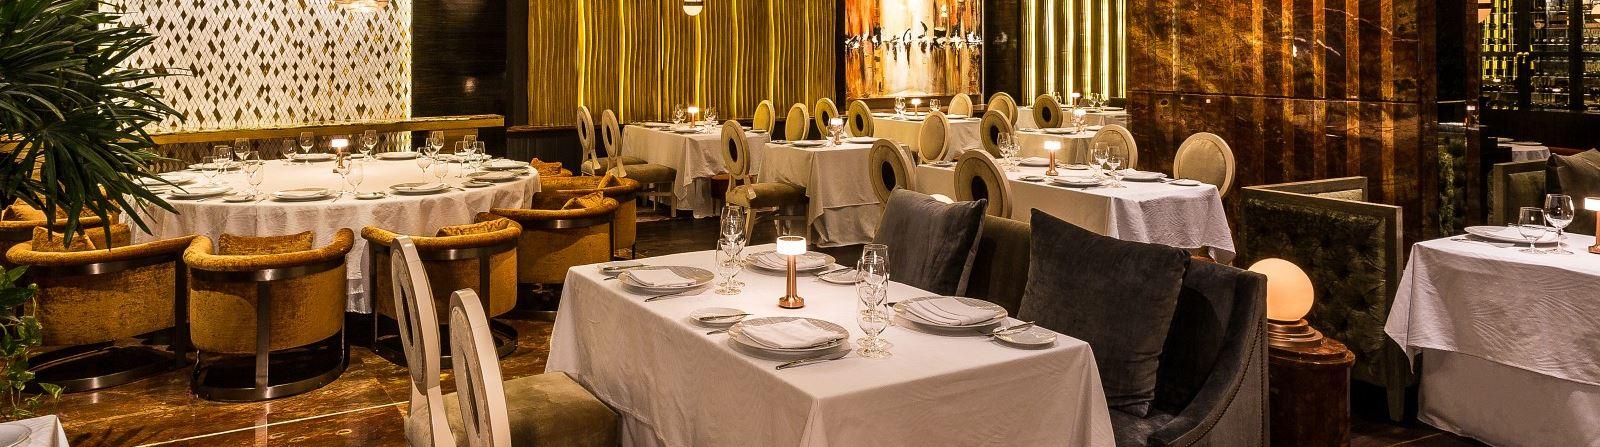 Restaurant Piaf - Grand Velas Los Cabos Mexico